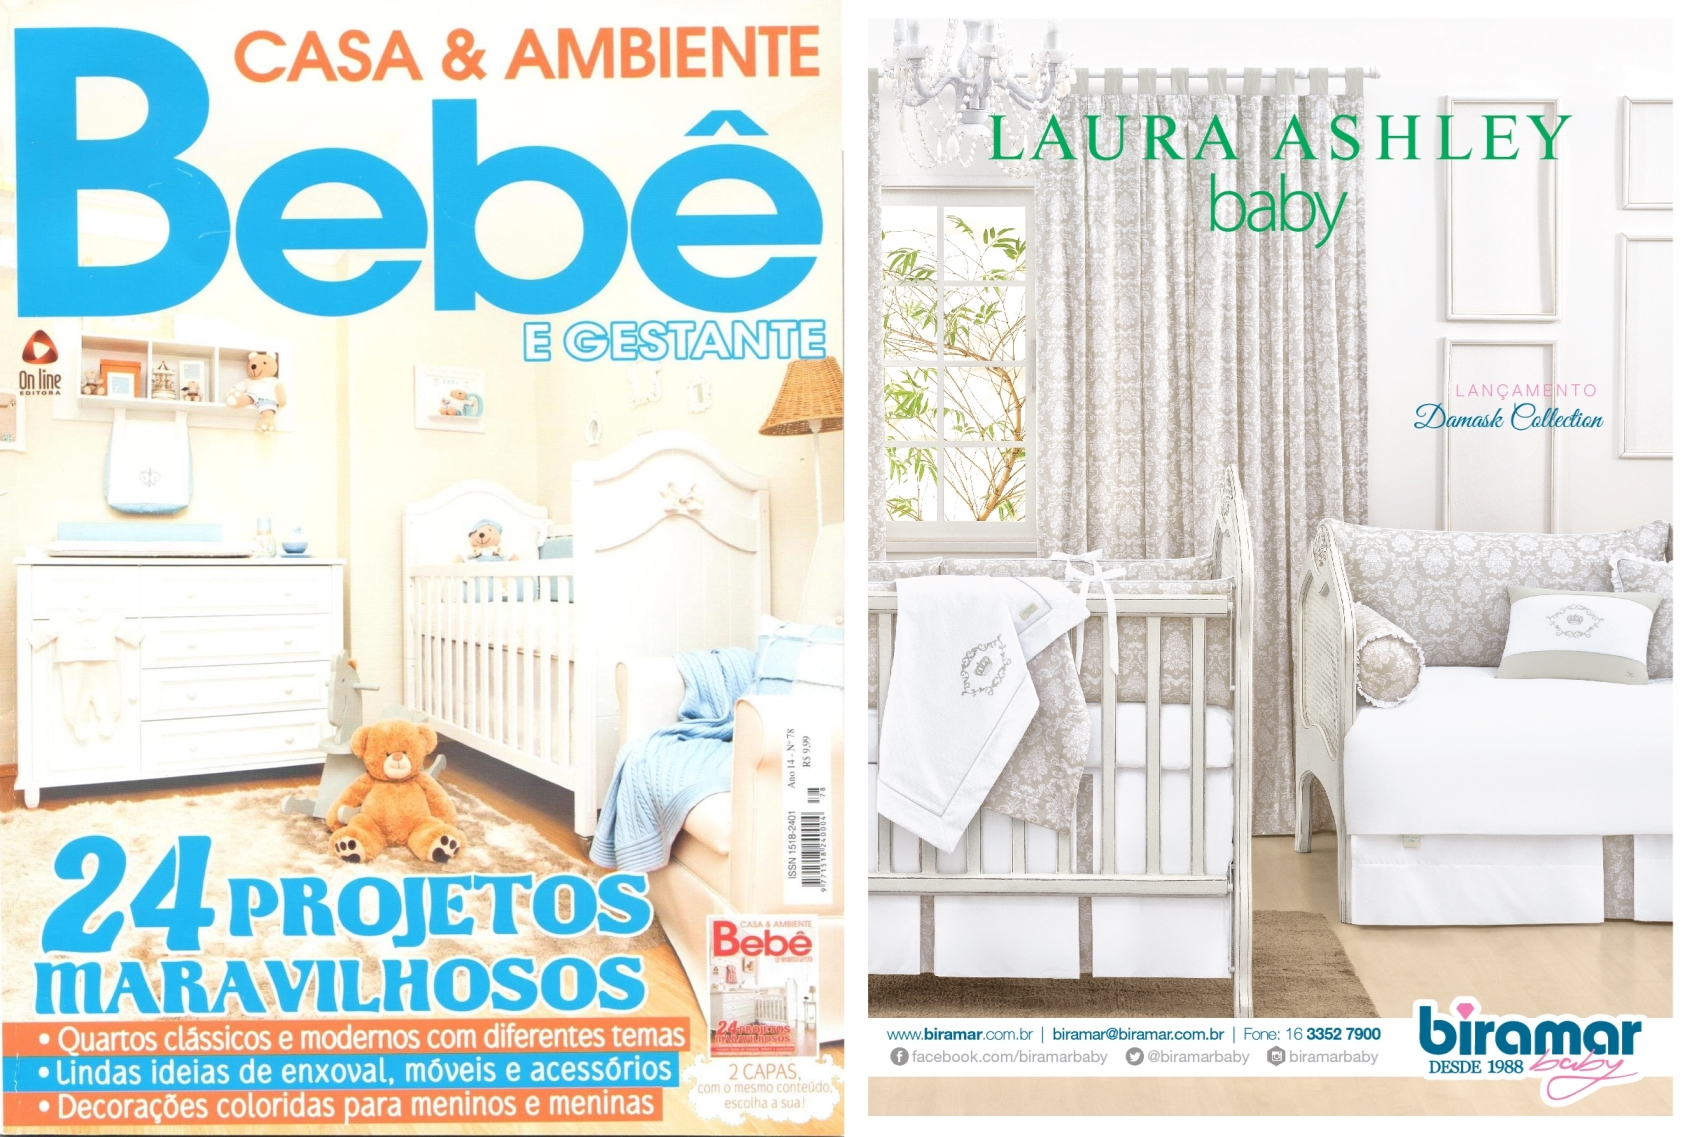 Casa & Ambiente Bebê Junho 2015 (2)_1